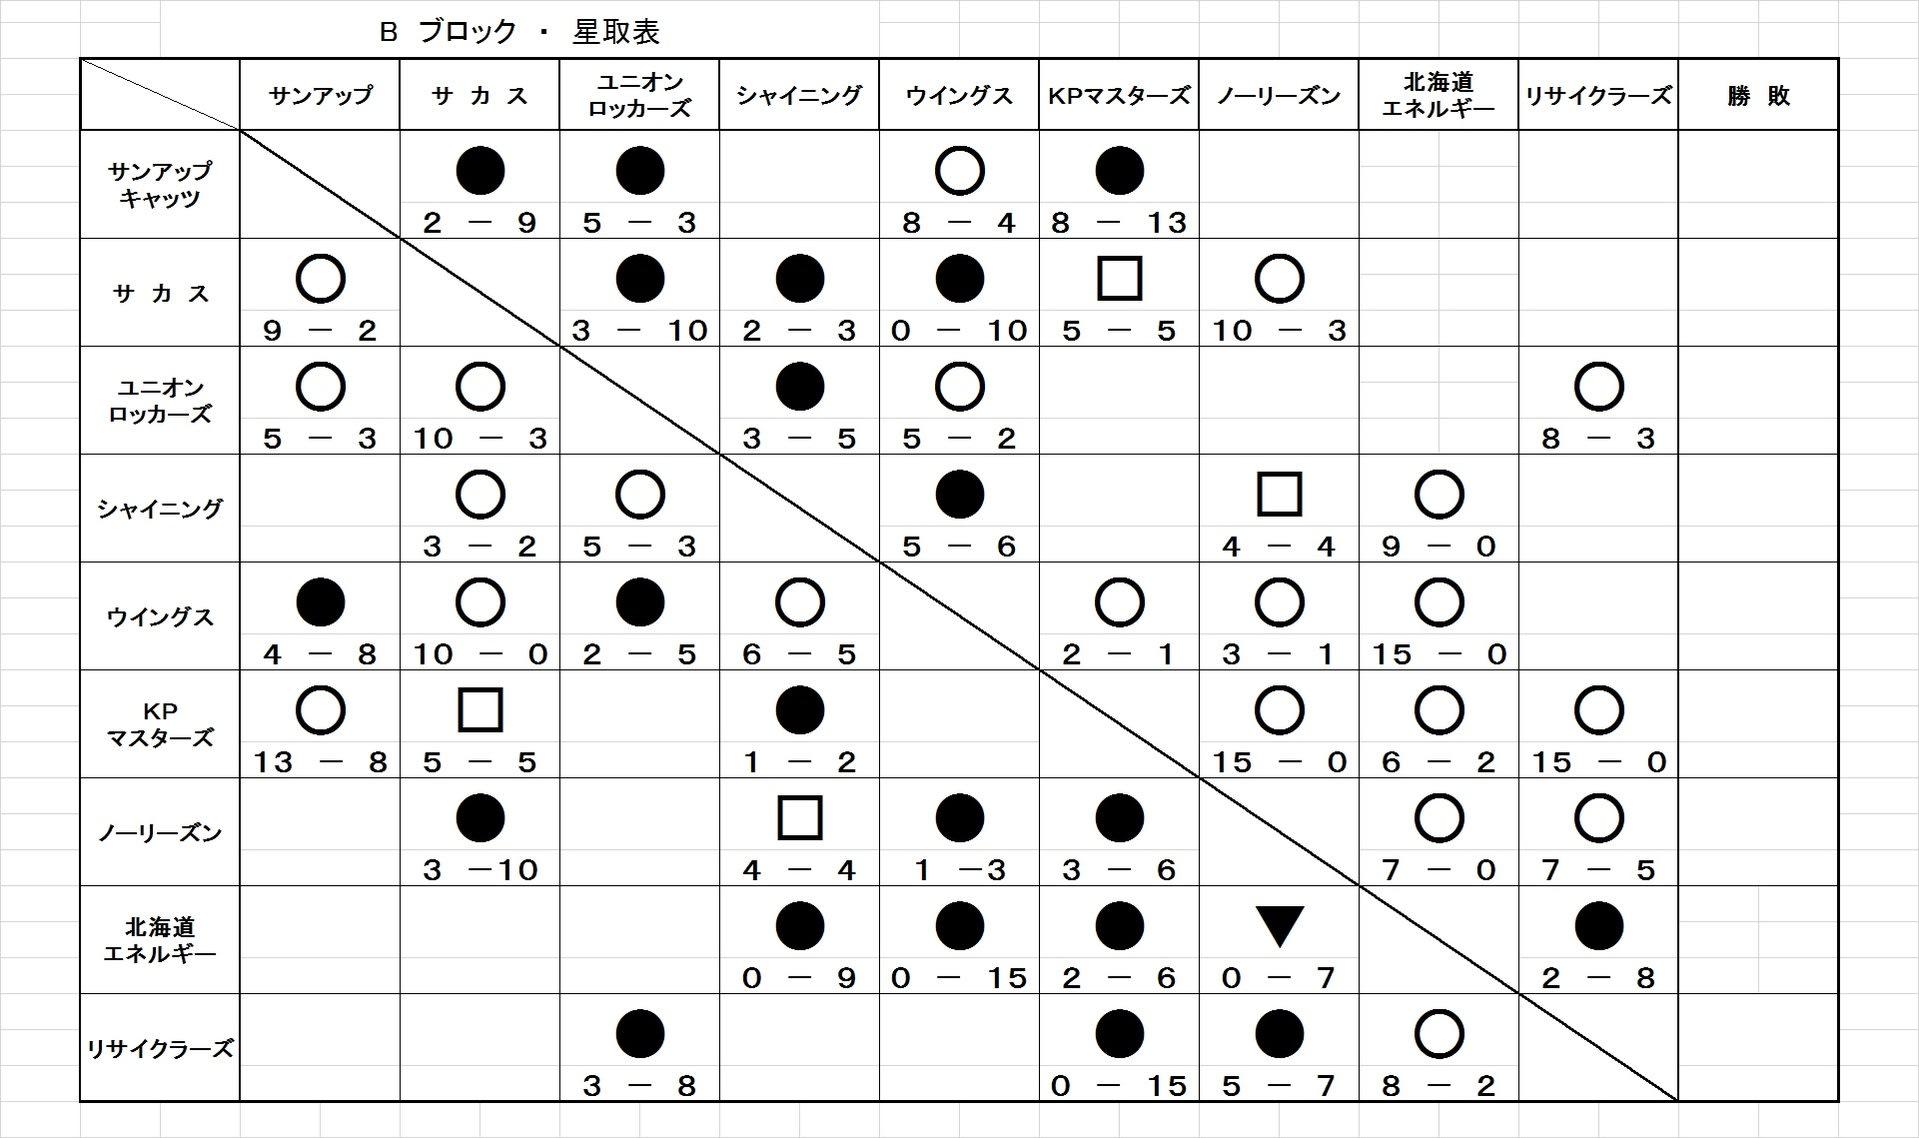 Bブロック 星取表 - 釧路しつげん杯野球リーグ公式ブログ